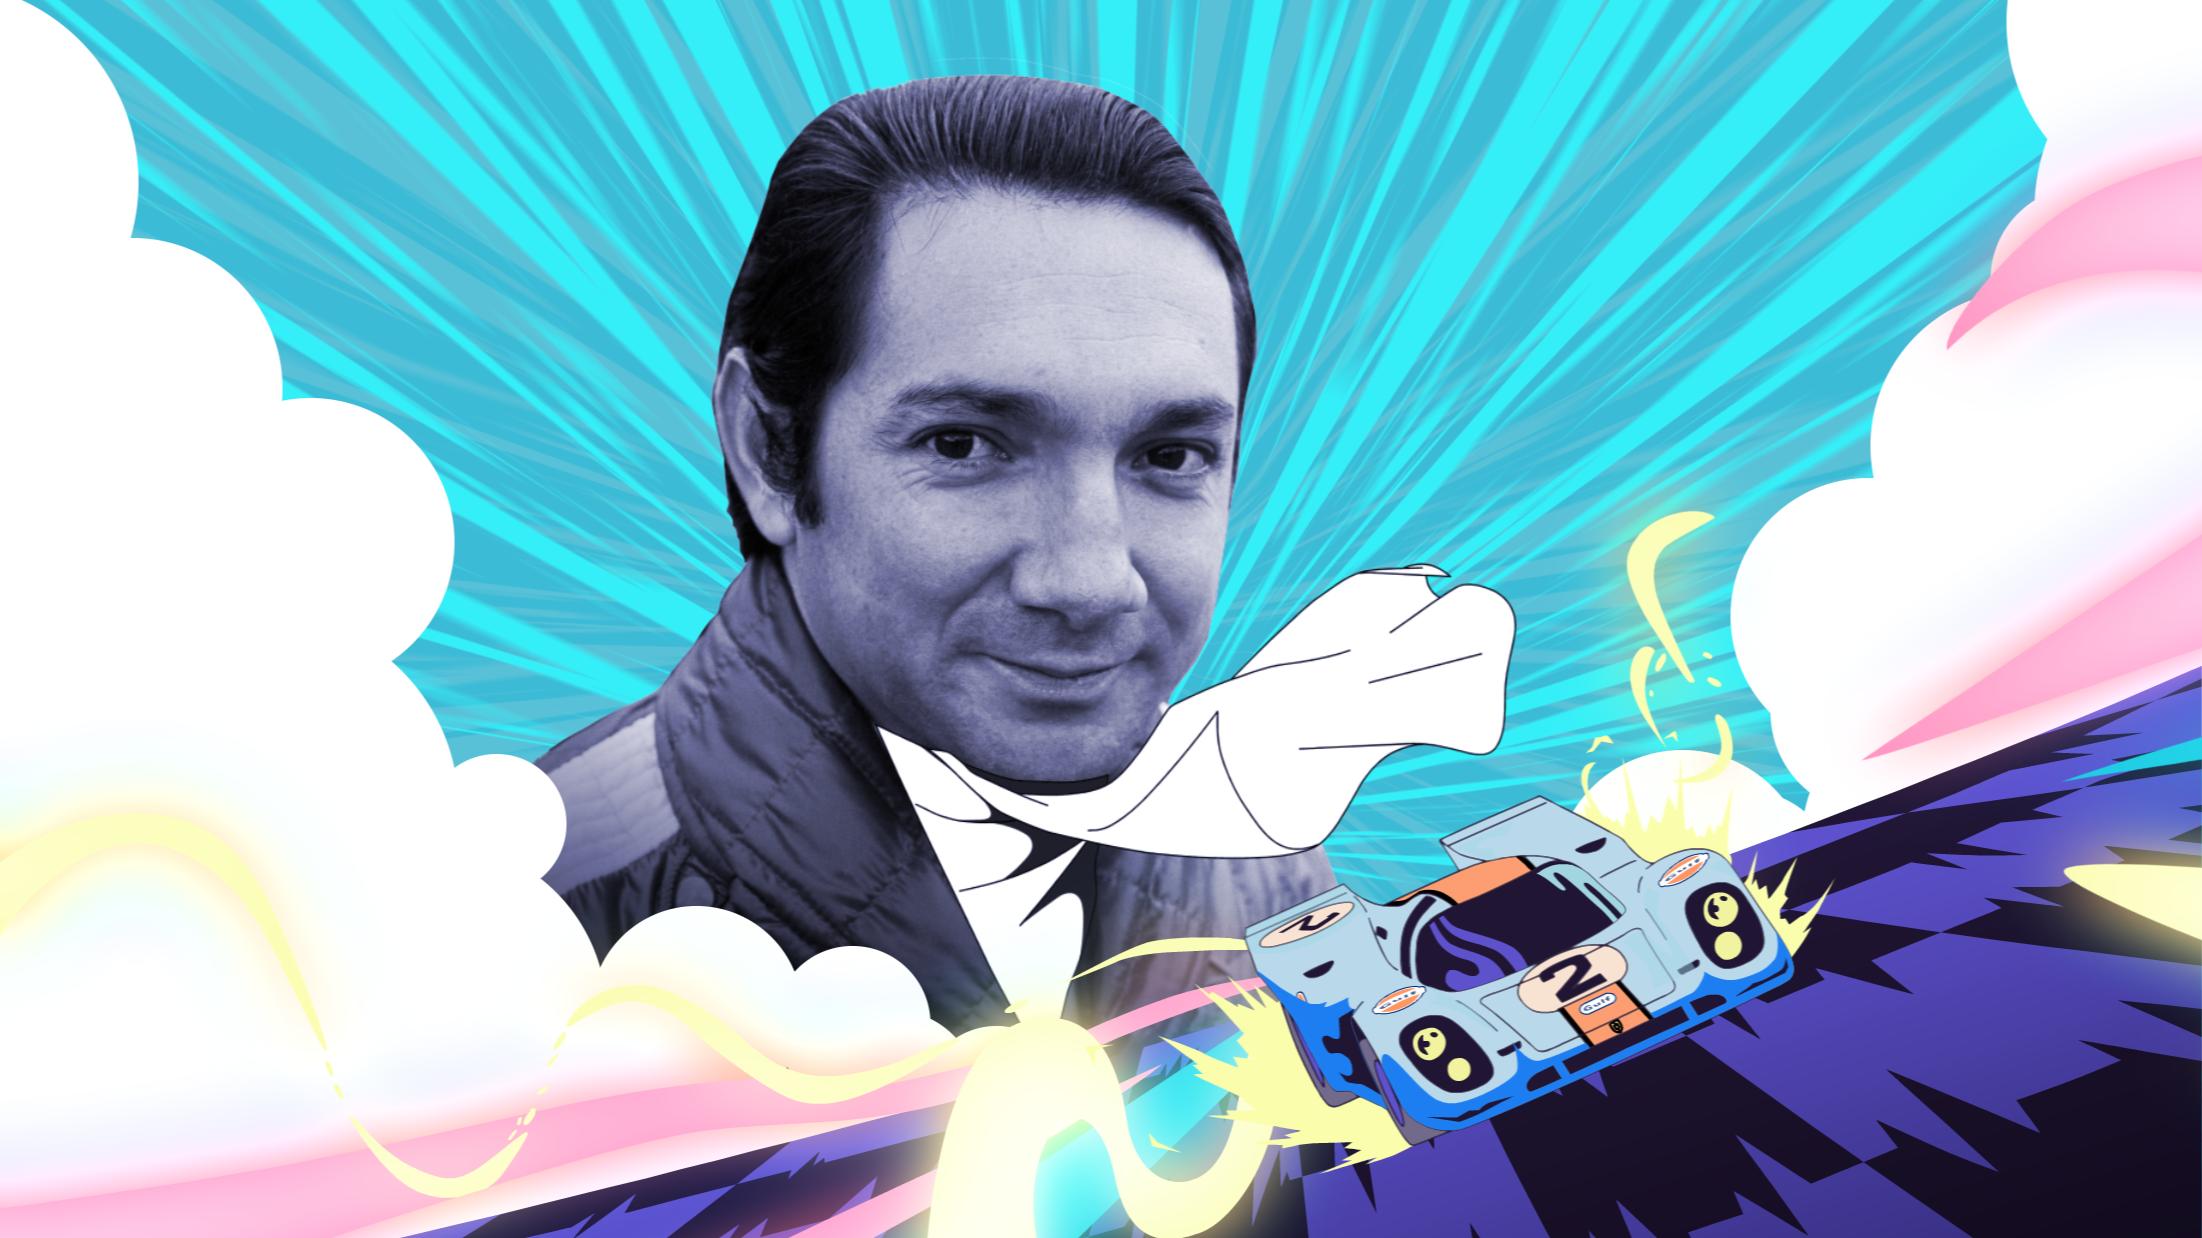 """The community presenta """"One of a Kind"""" la campaña de Porsche en honor al piloto mexicano Pedro Rodríguez"""